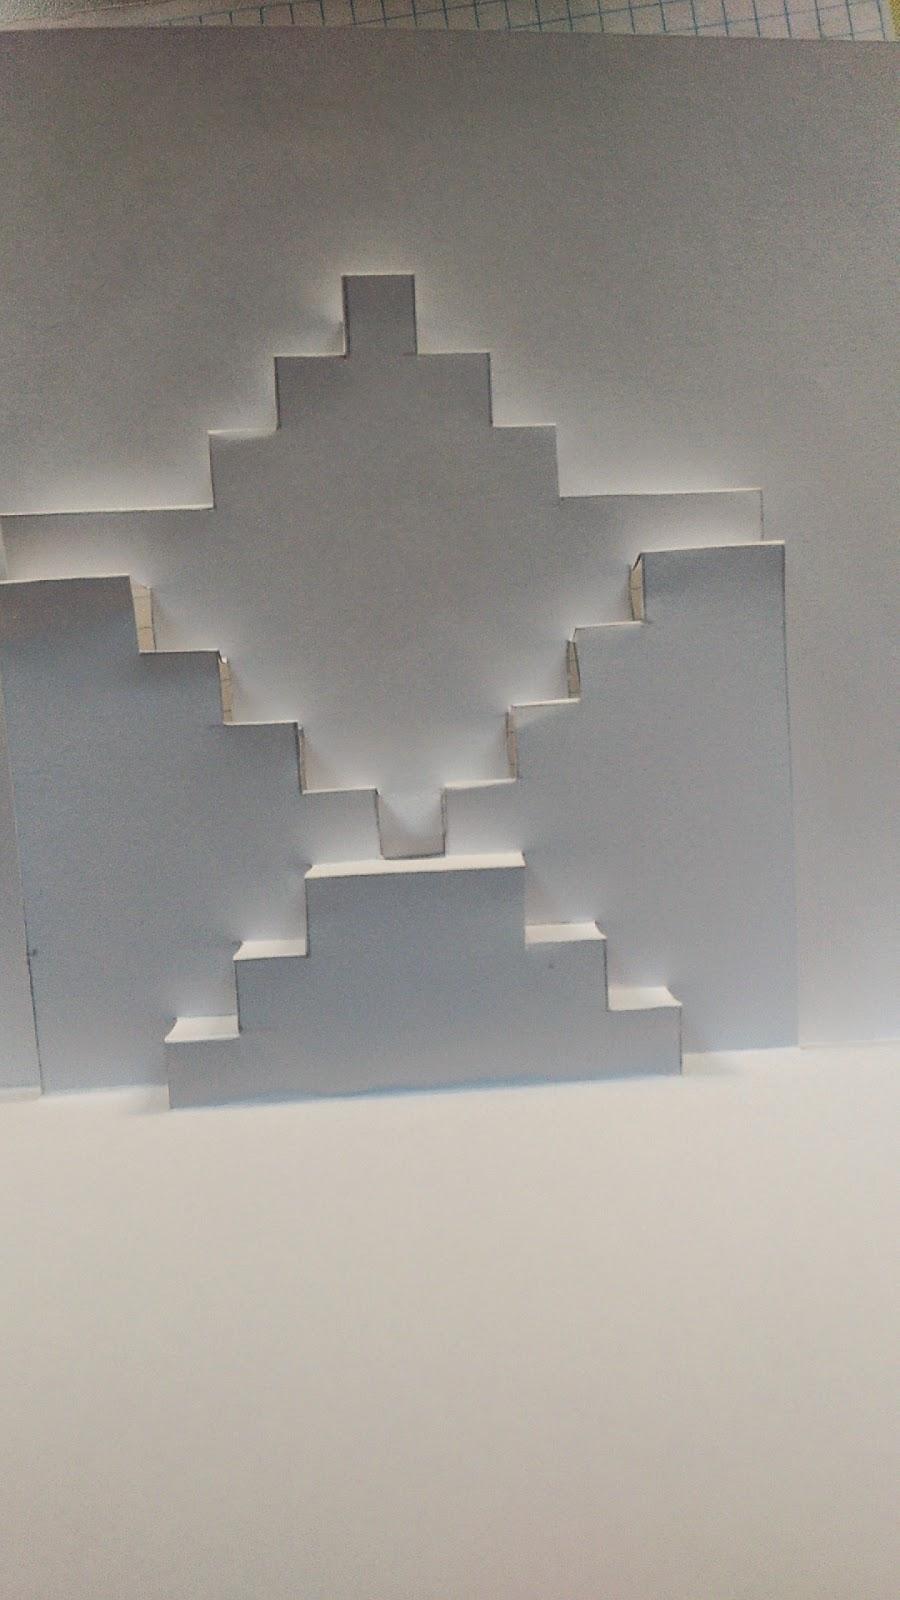 Kirigami online: Escaleras